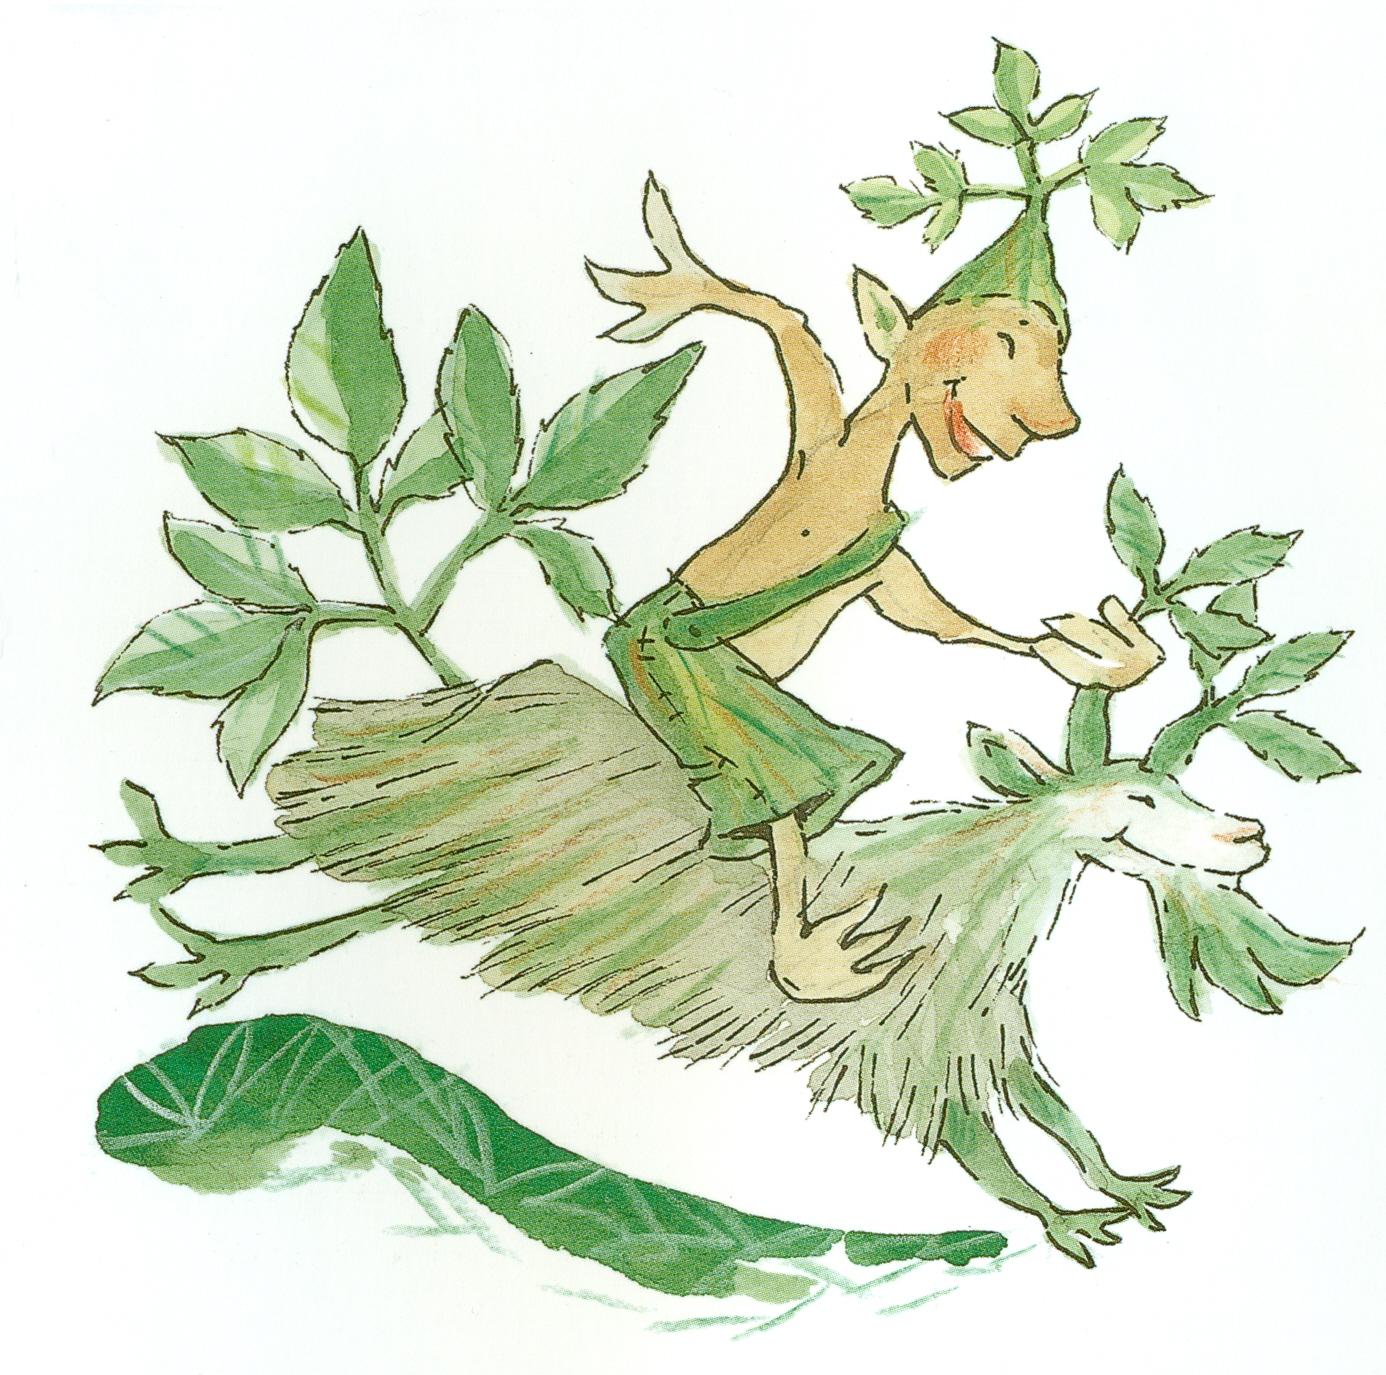 Ville Vuohenputki (kuvittaja Heli Pukki). Kuvitusta teoksesta Villiinny villivihanneksiin – luontoliikuntaa ja herkkuja koko perheelle.